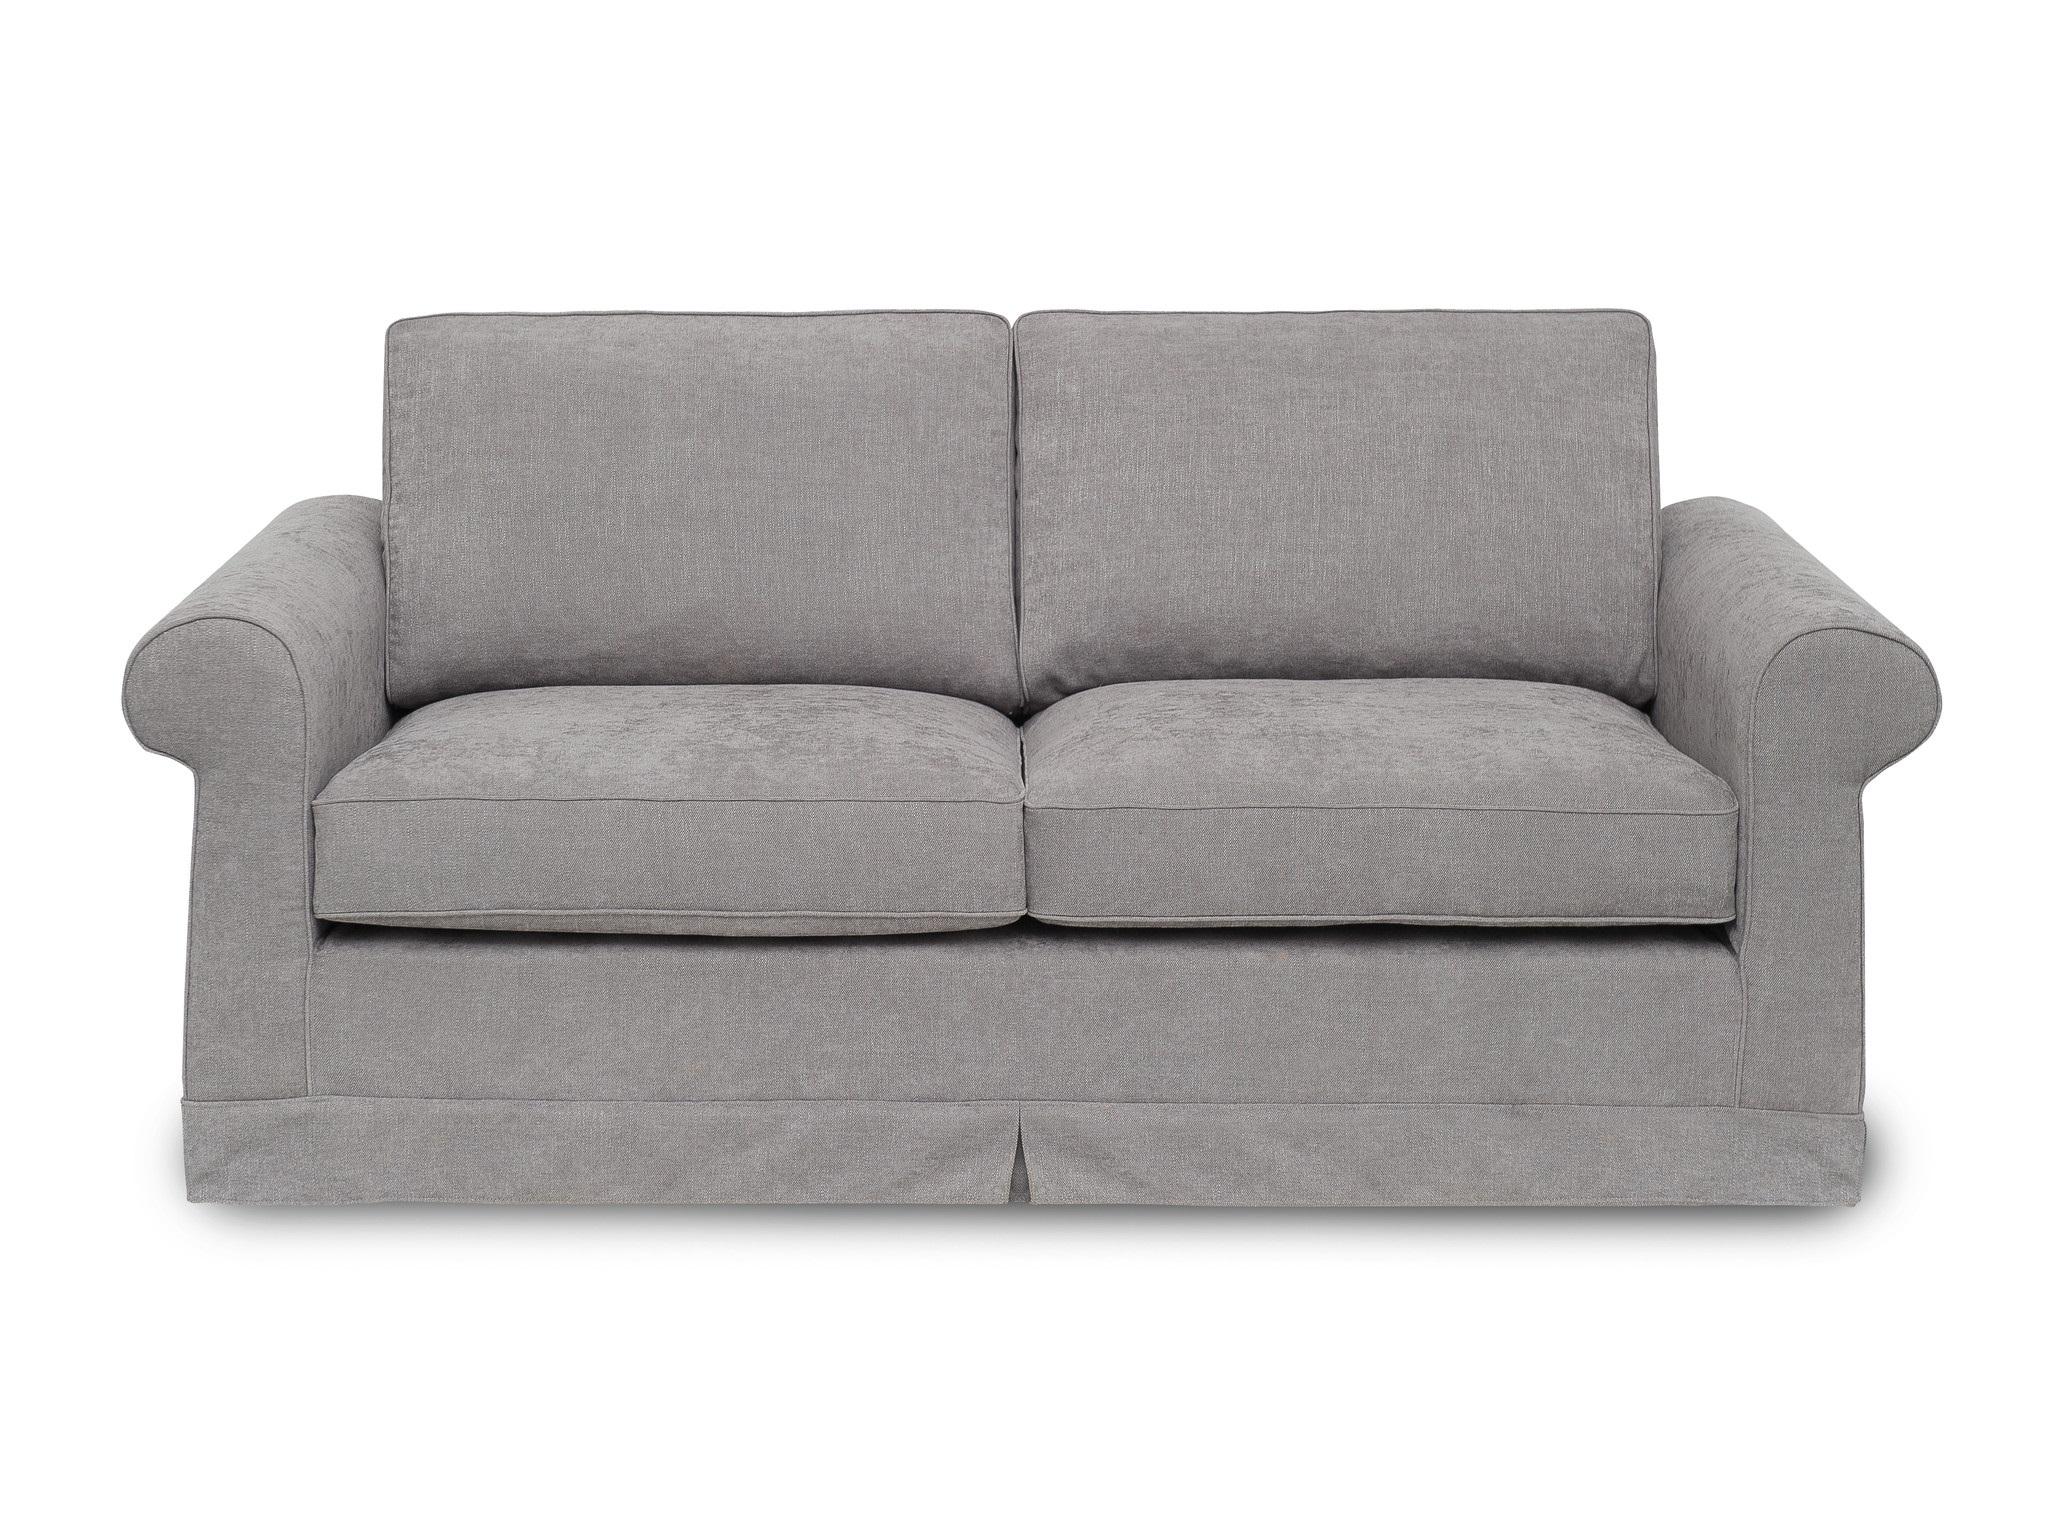 Диван РаумаДвухместные диваны<br>Выверенные временем гордые линии классического английского стиля нашли свое воплощение в семействе диванов Раума. 2,5-местный диван с декоративной юбкой, скрывающей ножки. Не разбирается. <br>Каркас (комбинации дерева, фанеры и ЛДСП). Для сидячих подушек используют пену различной плотности, а также перо и силиконовое волокно. Для задних подушек есть пять видов наполнения: пена, измельченая пена, пена высокой эластичности, силиконовые волокно. <br>Материал обивки: Шенилл. Состав: 85% полиэстер, 15% вискоза.<br><br><br><br>kit: None<br>gender: None